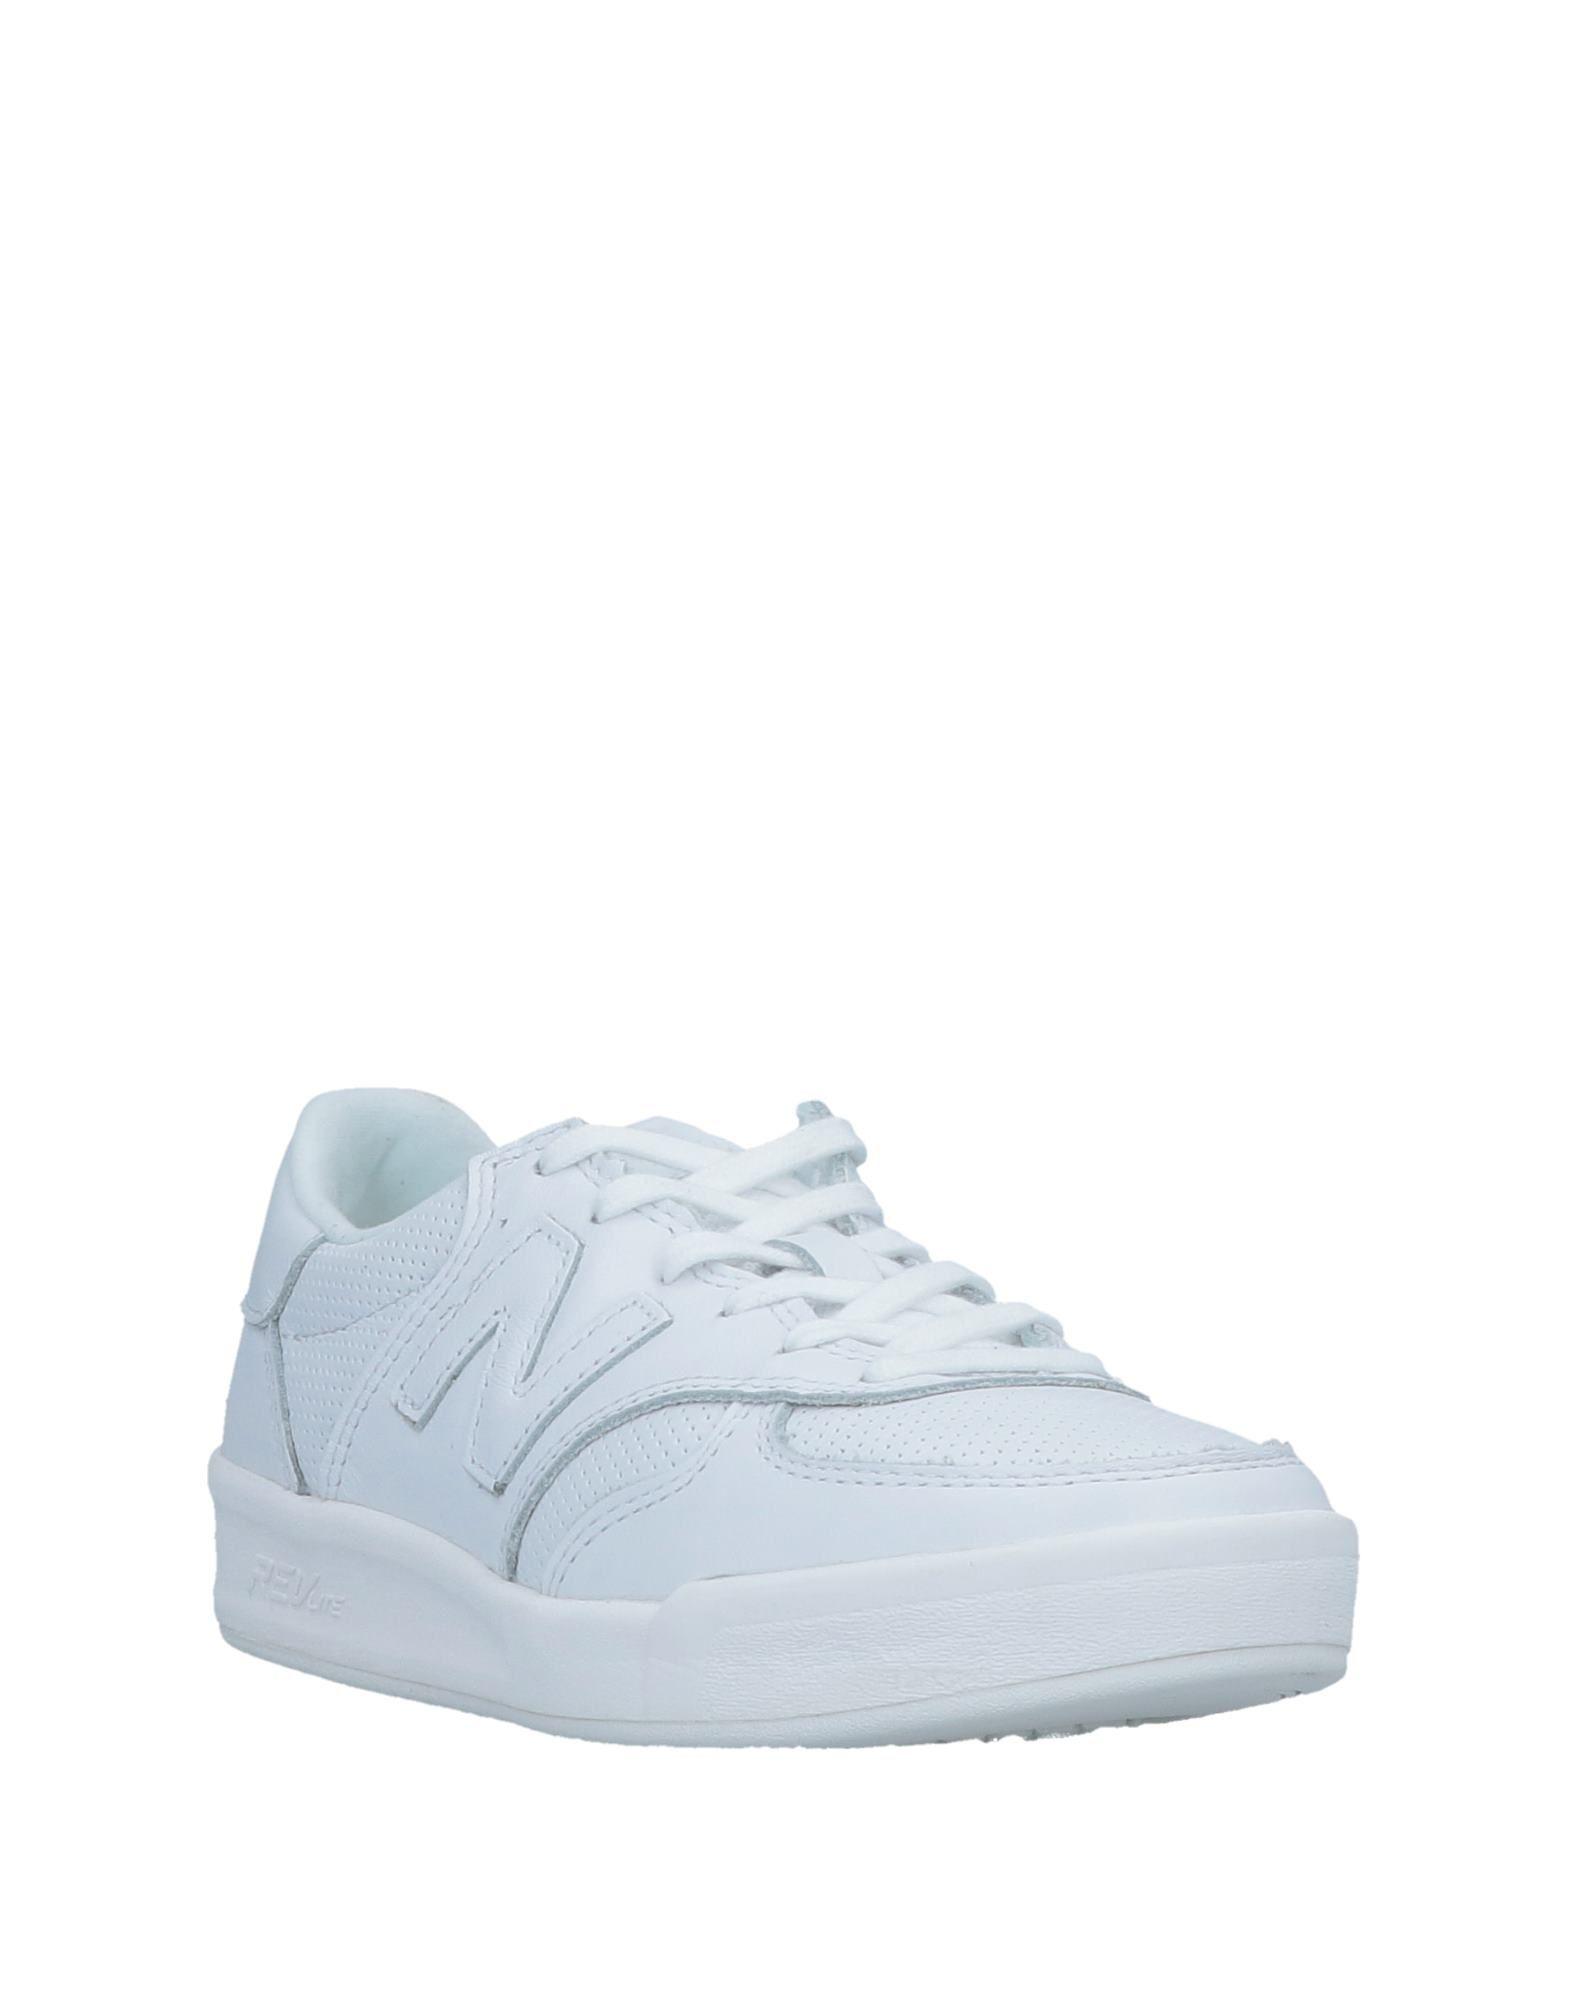 New Balance Sneakers Damen beliebte  11503432LL Gute Qualität beliebte Damen Schuhe a47d64